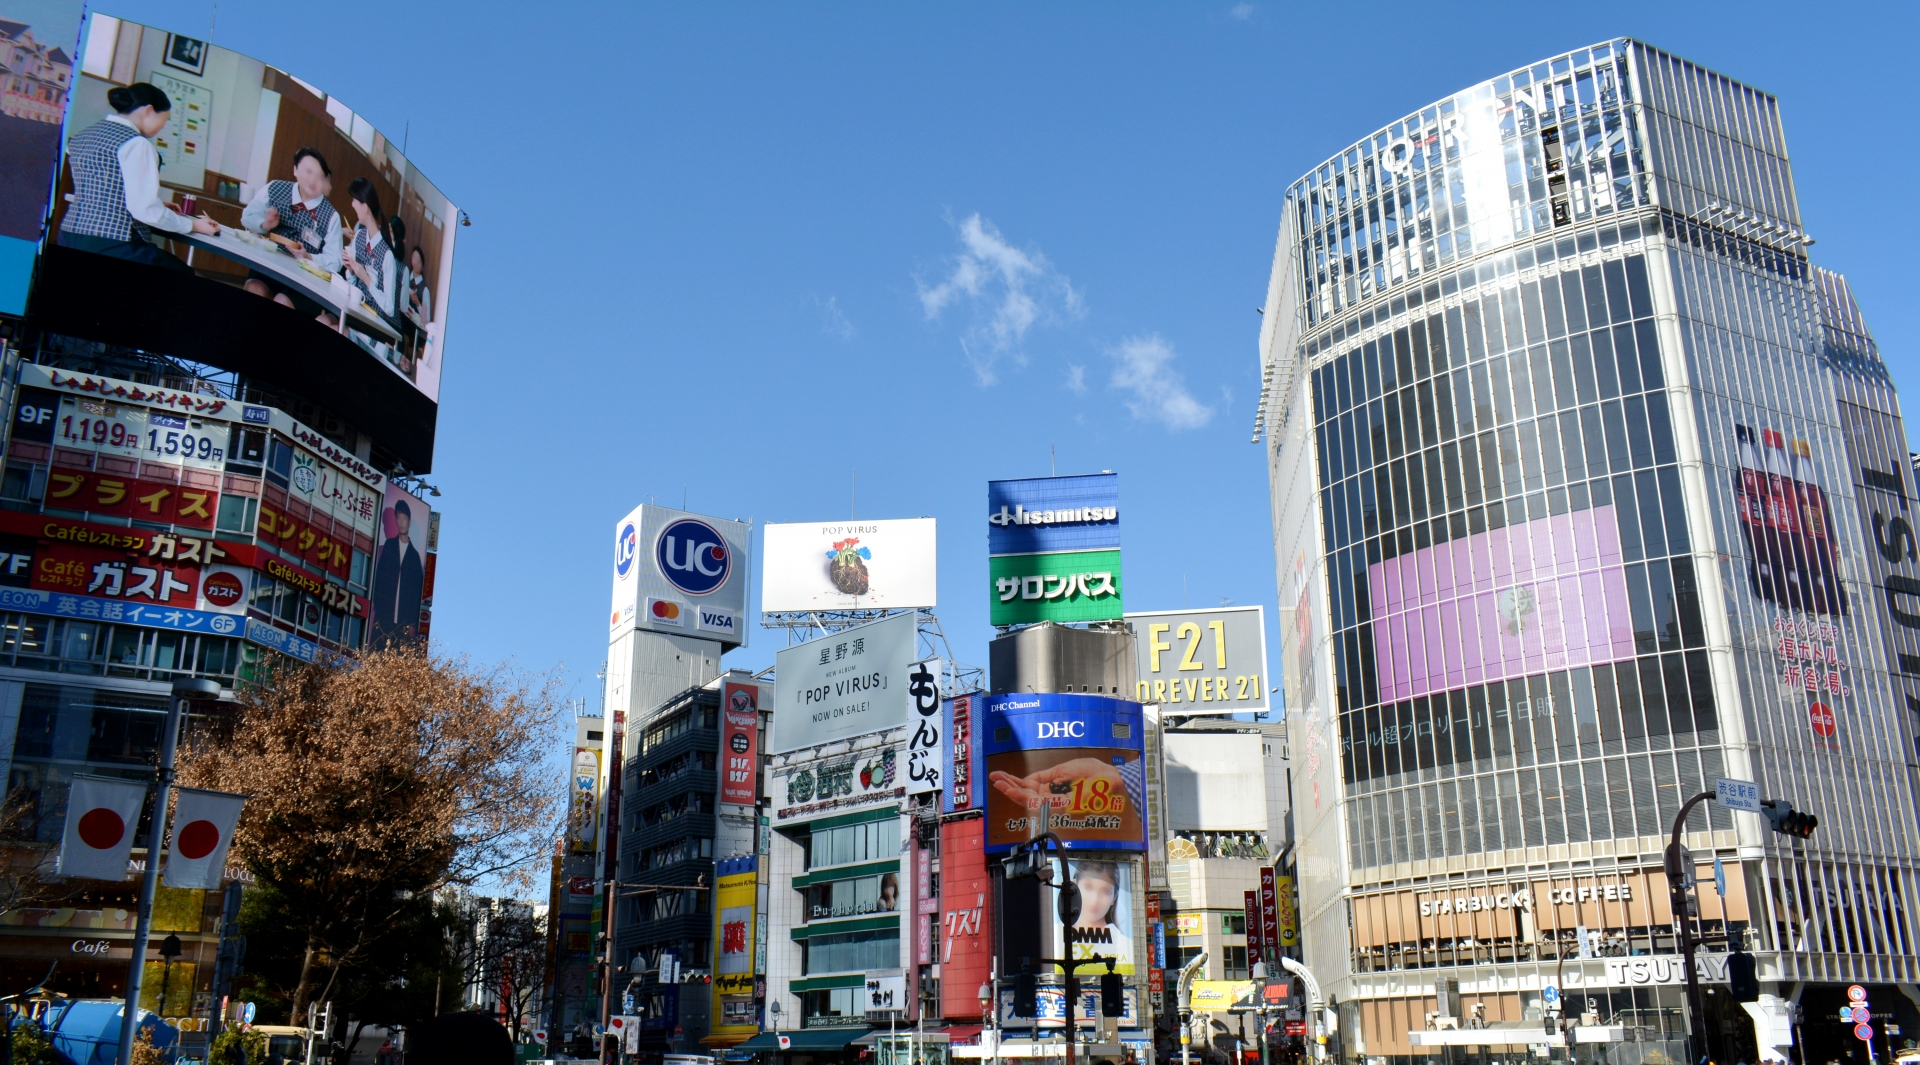 渋谷で人気の手芸屋は?大型店からアクセサリーパーツ専門店もあり!